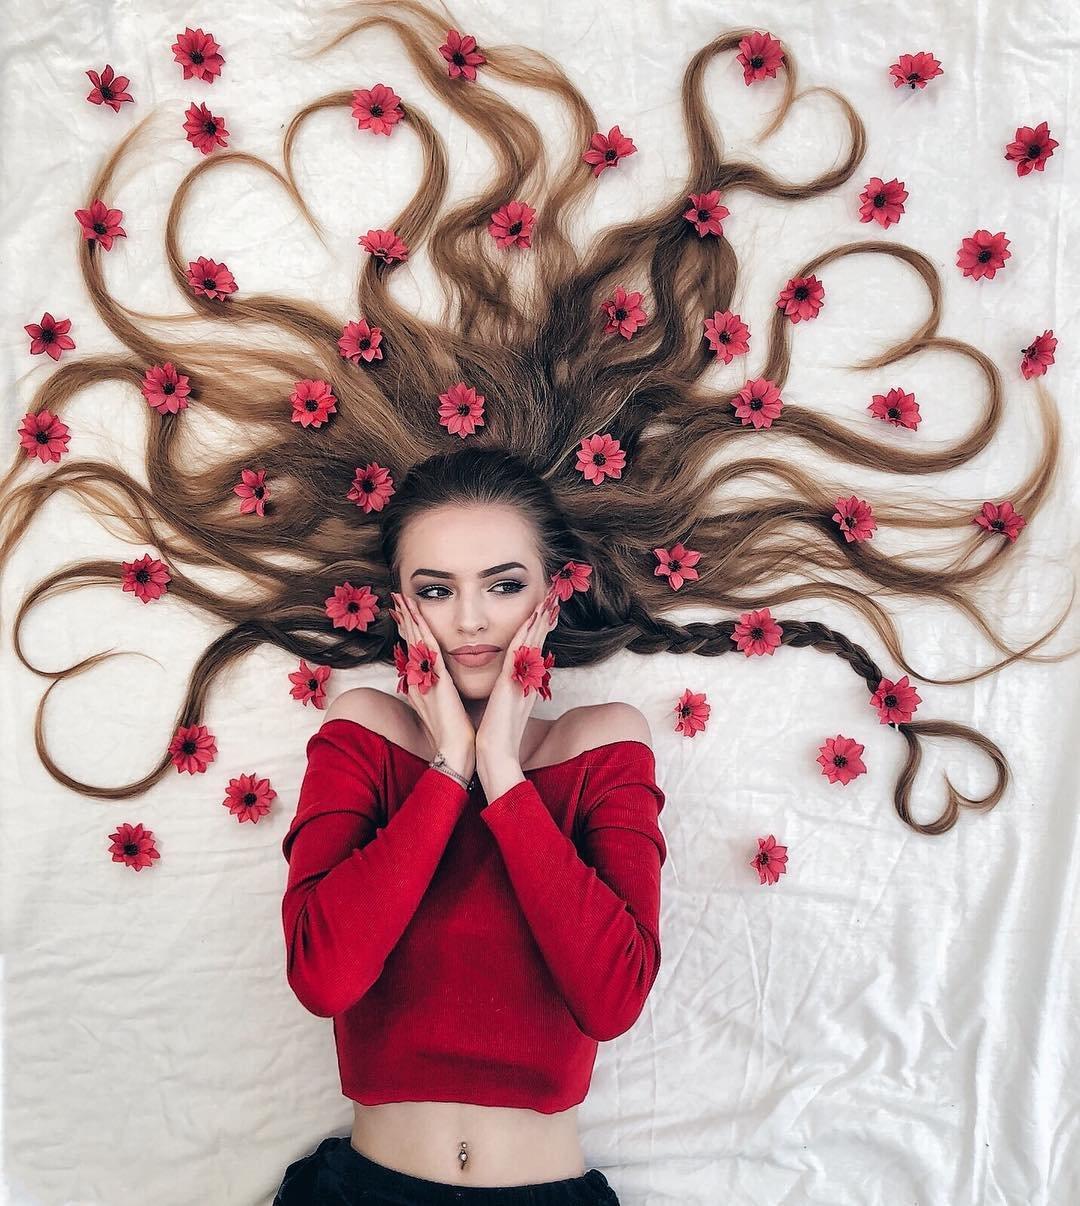 кто-то картинки волосы креатив может